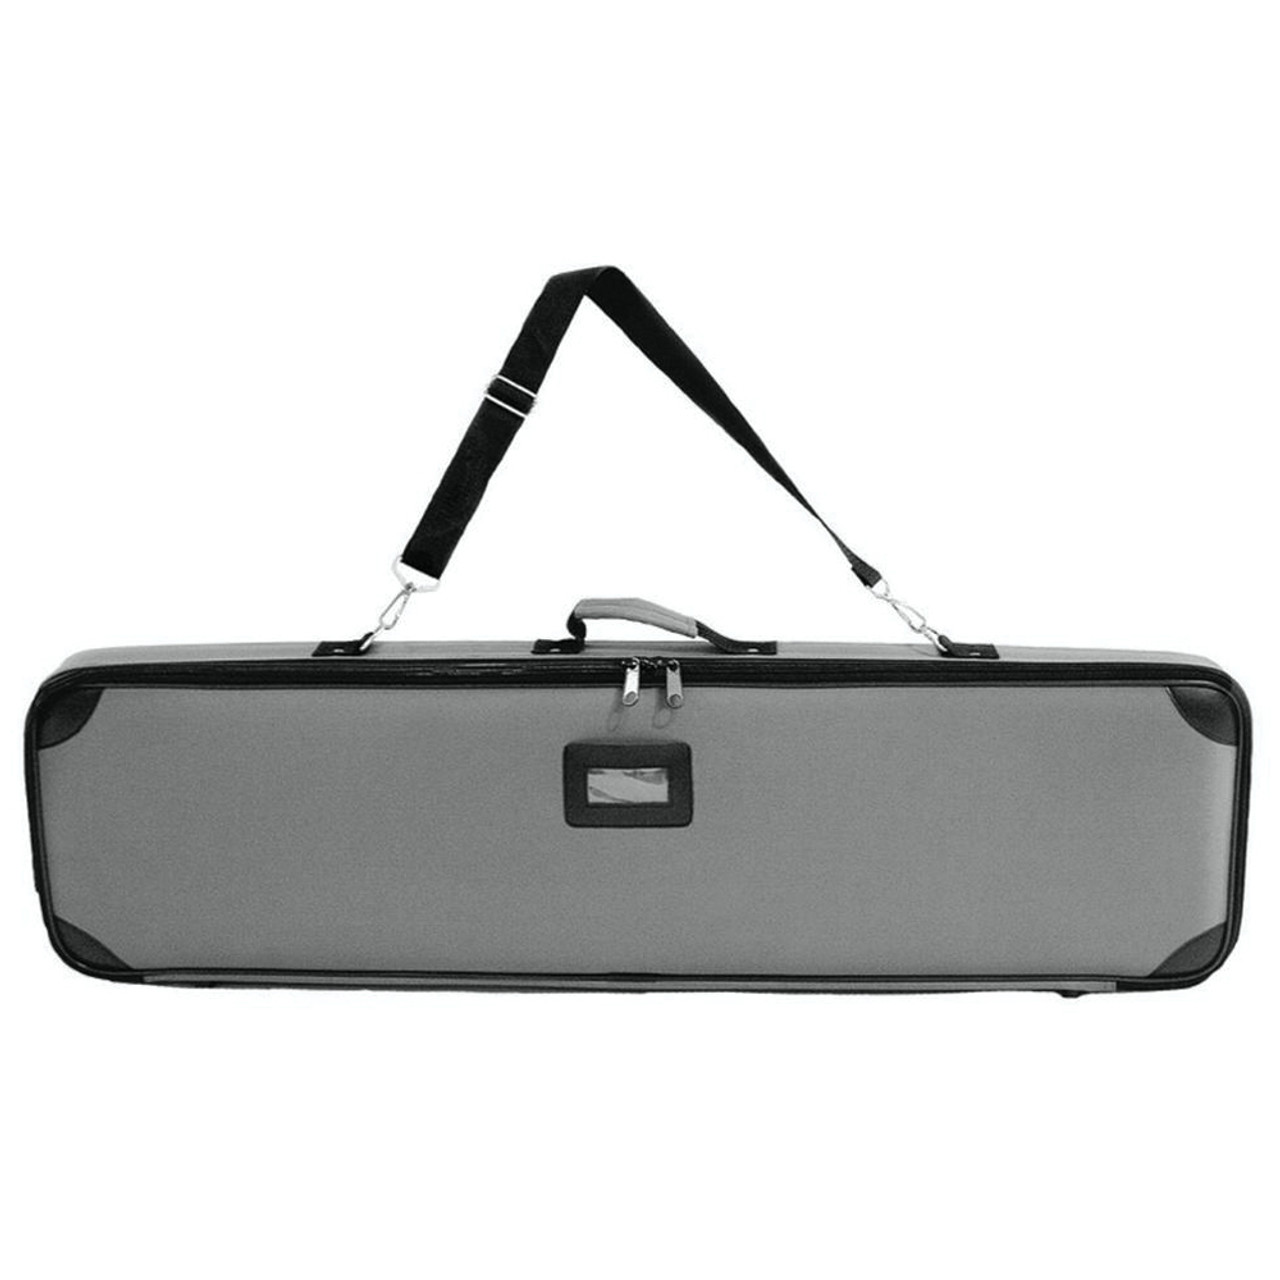 36 inch travel case